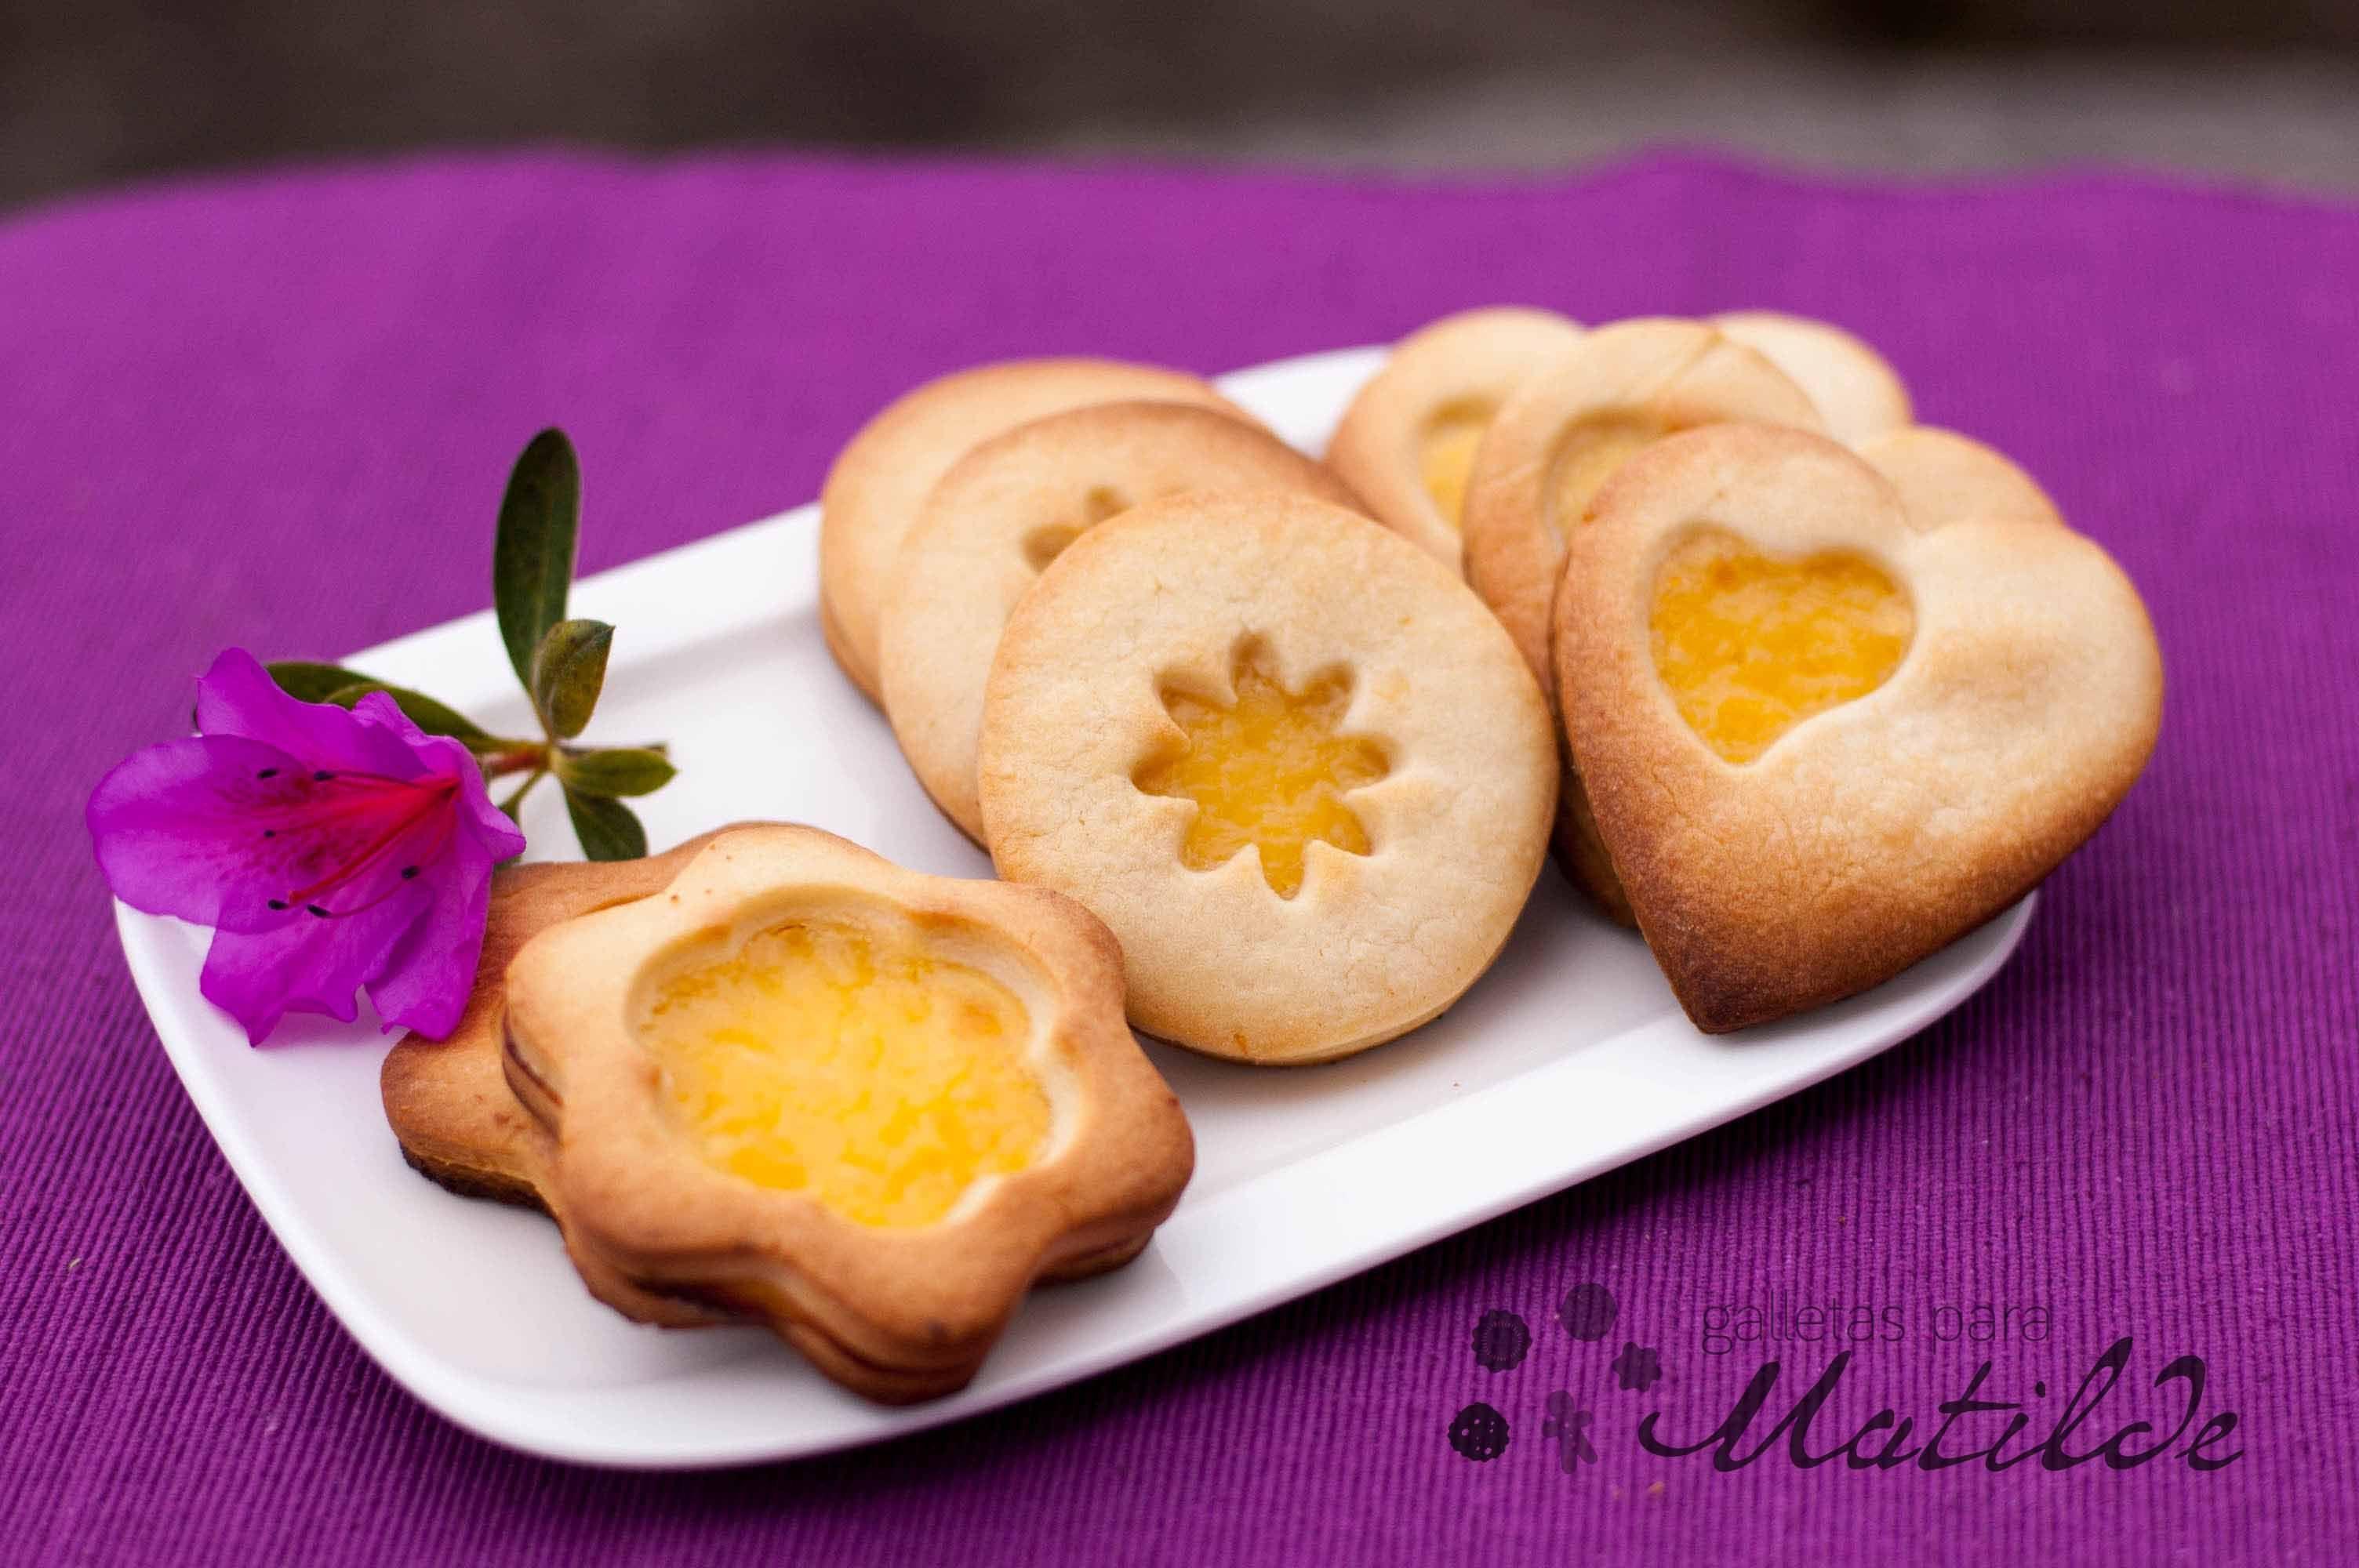 Galletas de limón con lemon curd tostado...